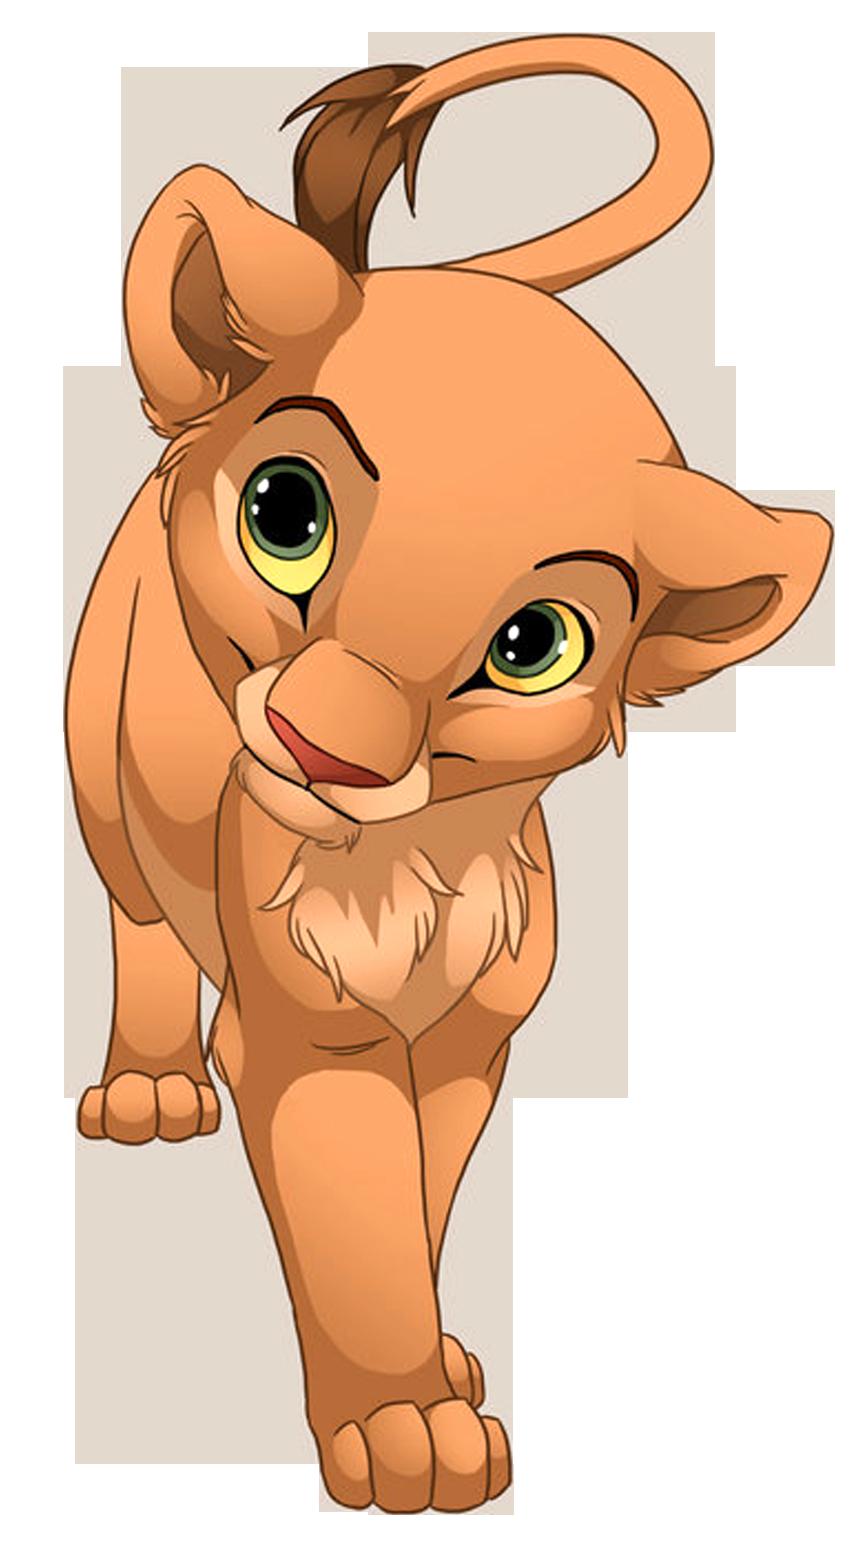 *KIARA ~ The Lion King